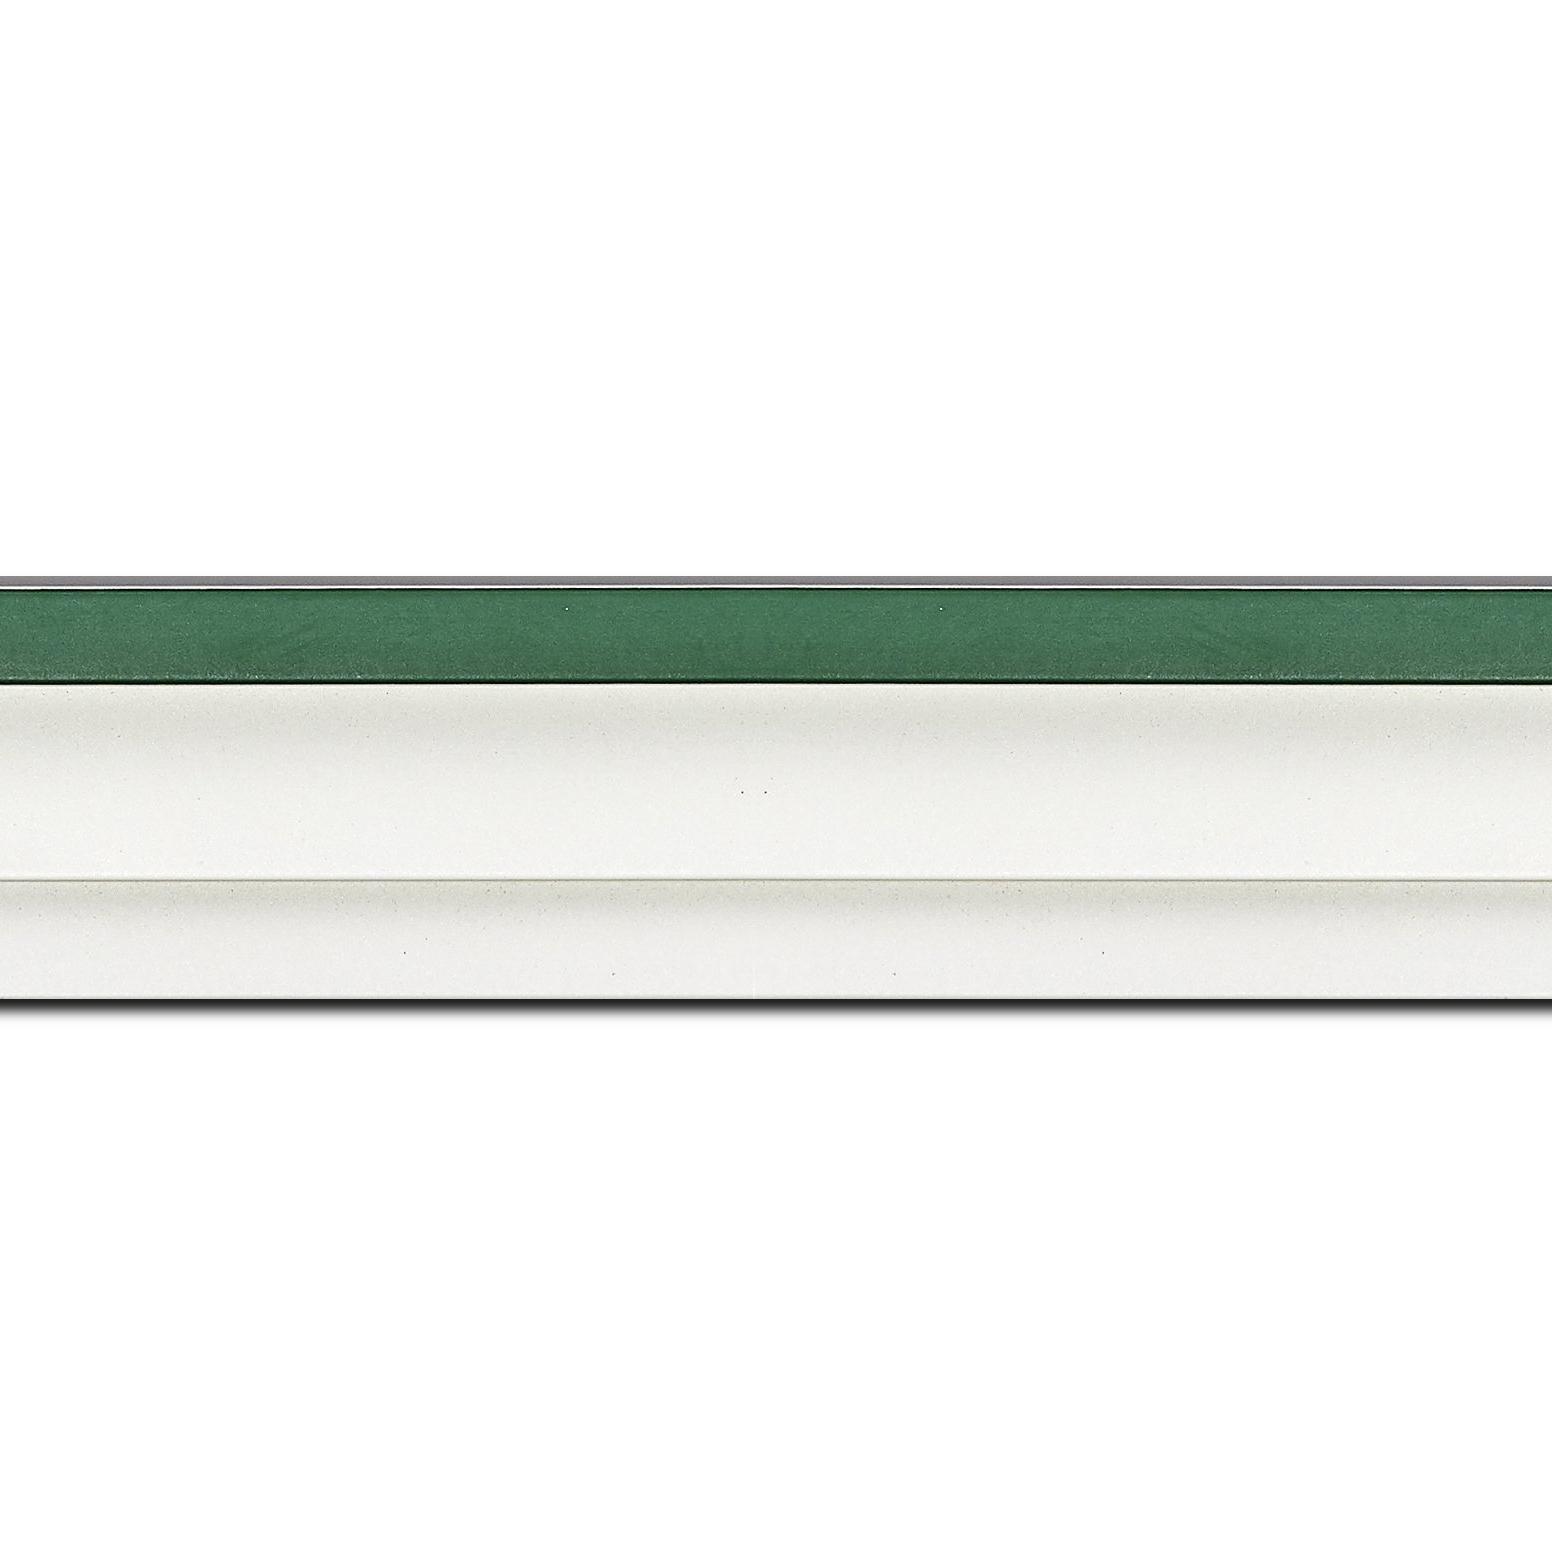 Baguette longueur 1.40m bois caisse américaine profil escalier largeur 4.4cm blanc mat filet vert (spécialement conçu pour les châssis d'une épaisseur jusqu'à 2.5cm )